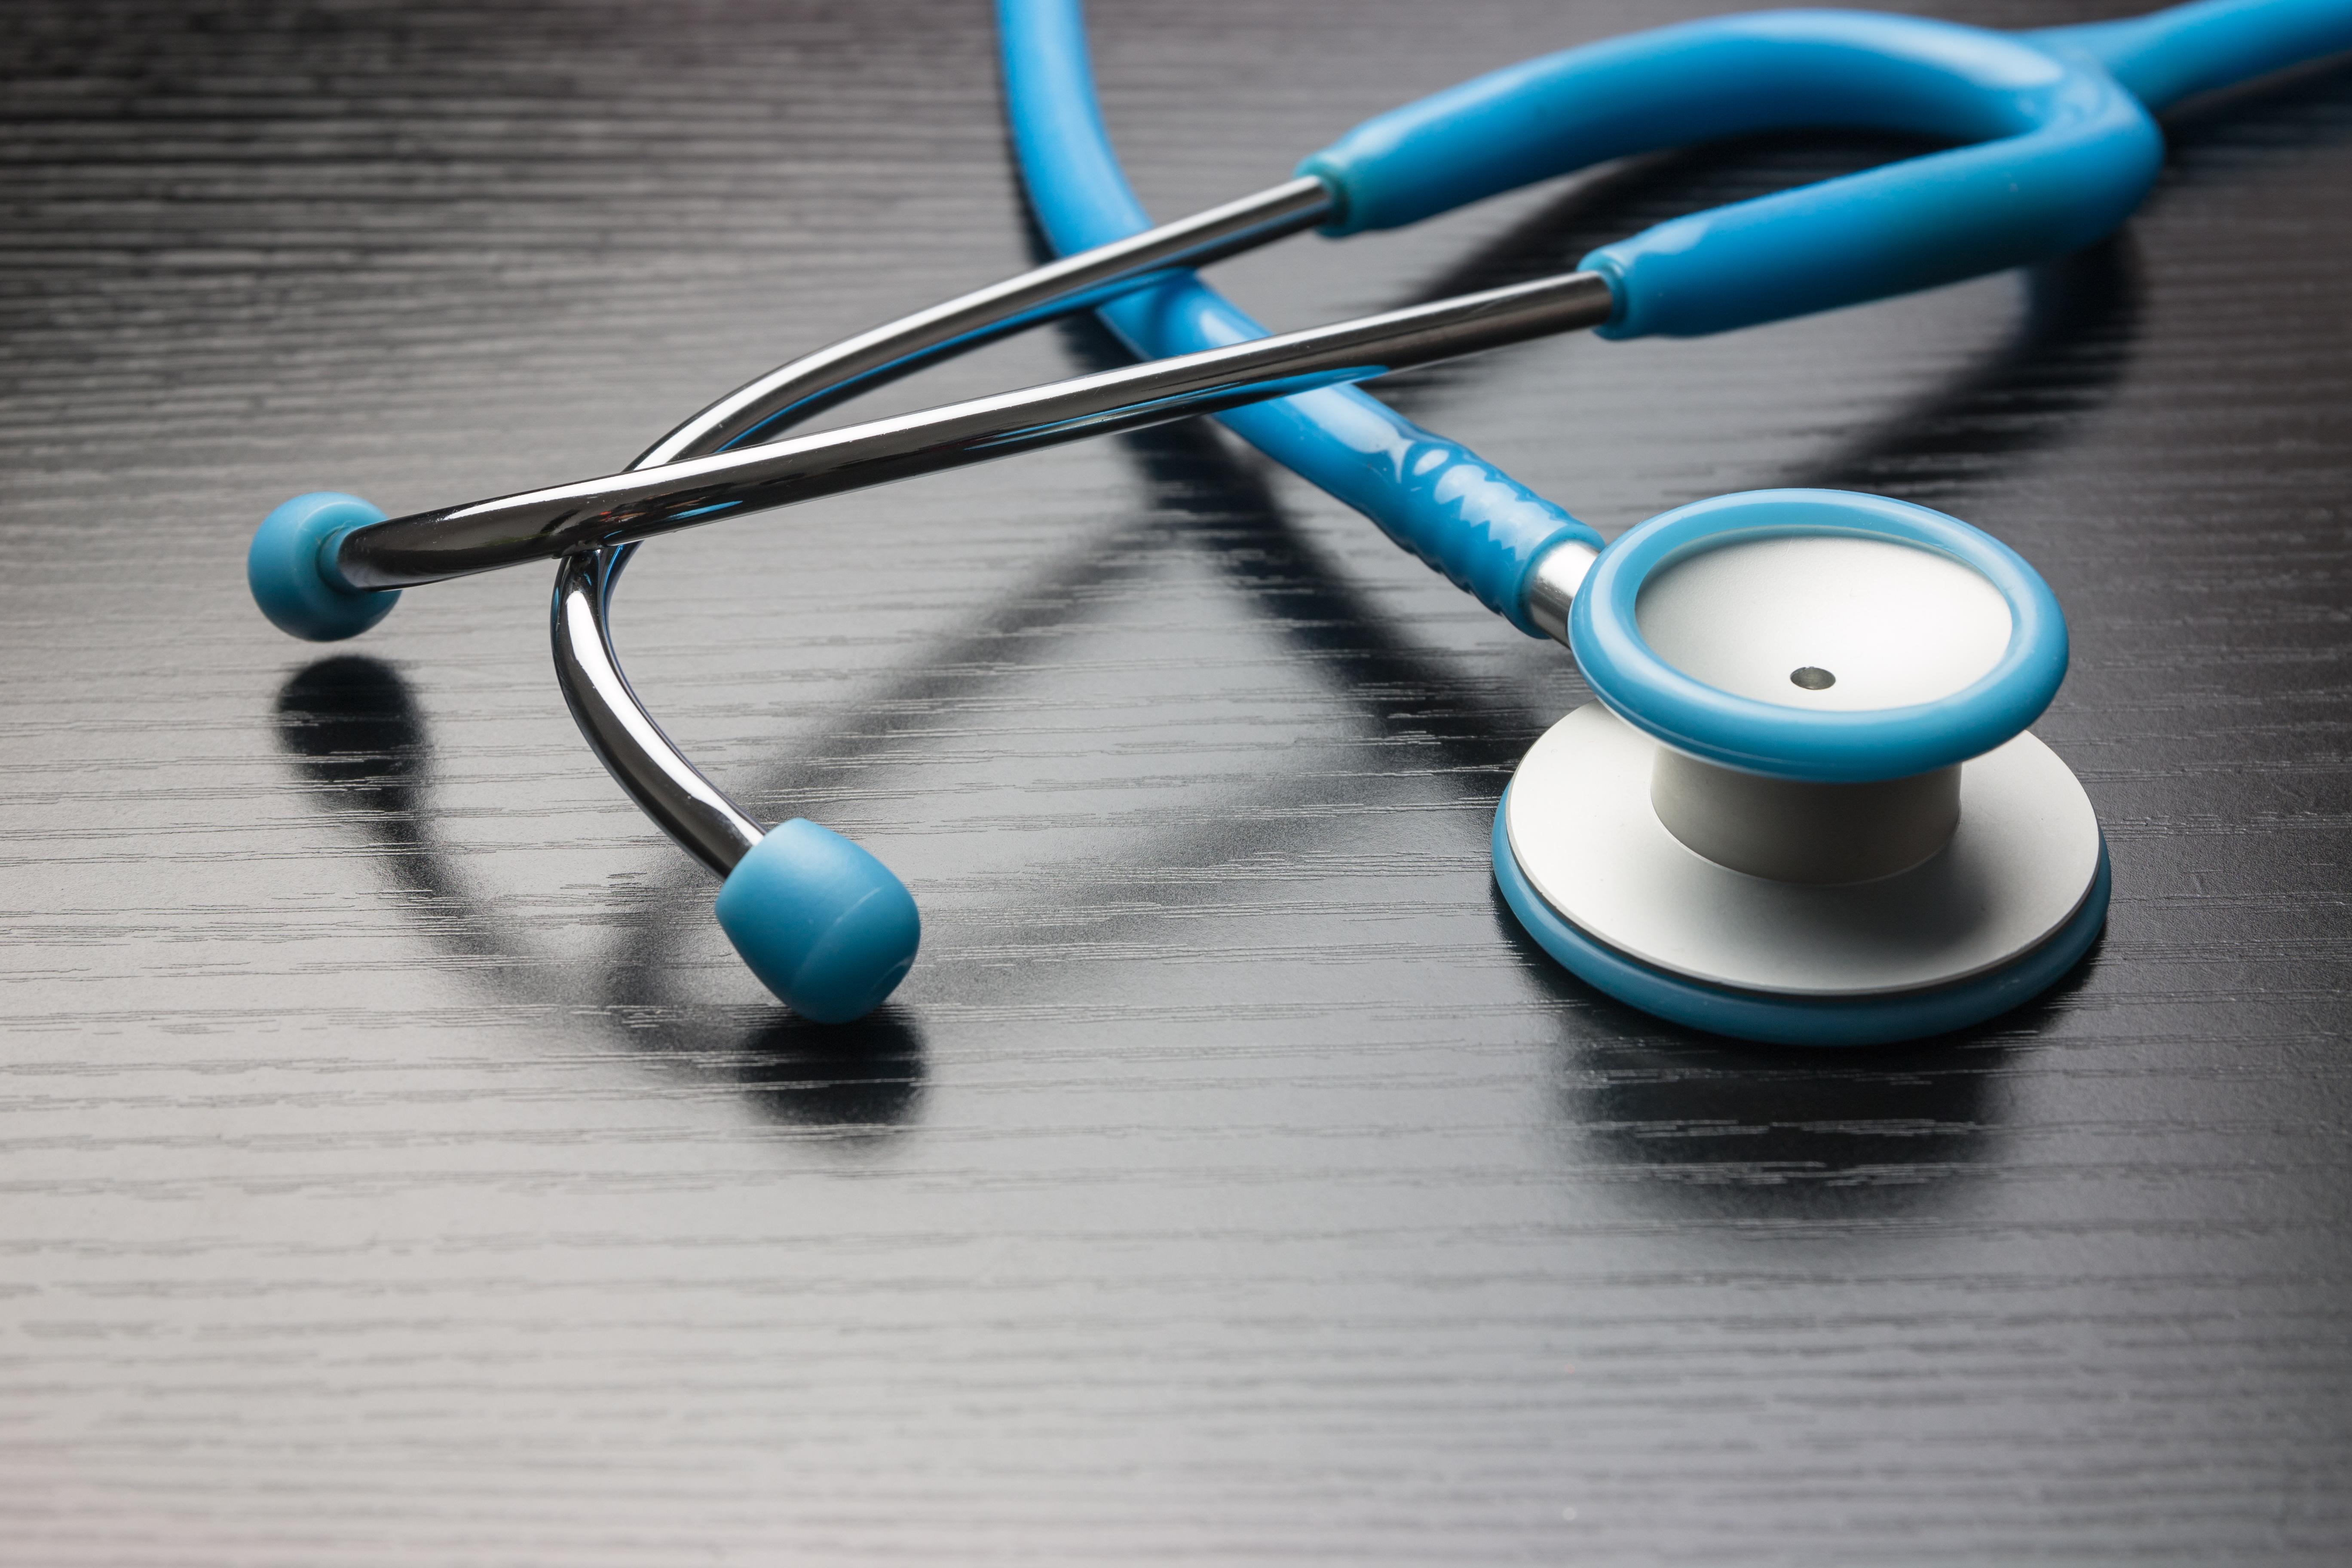 Як перевірити себе на самі небезпечні хвороби, які протікають безсимптомно